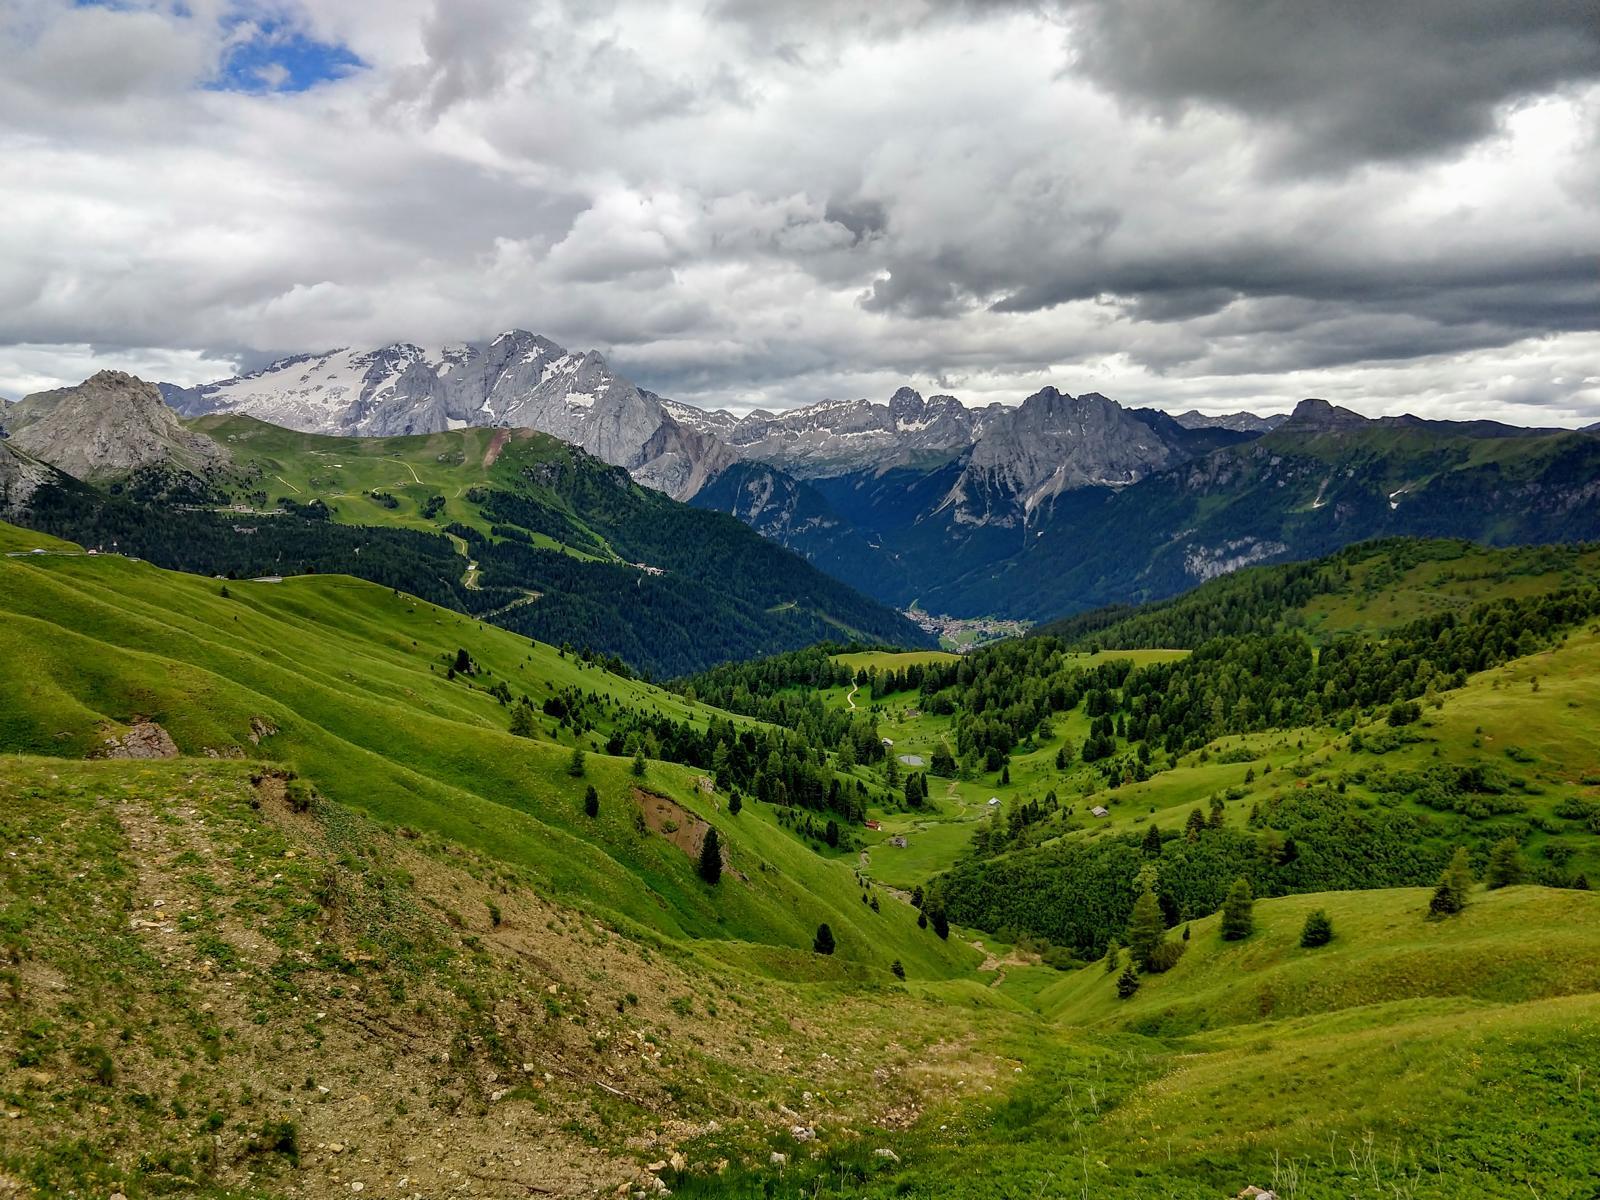 Ein letzter Blick in die Dolomiten